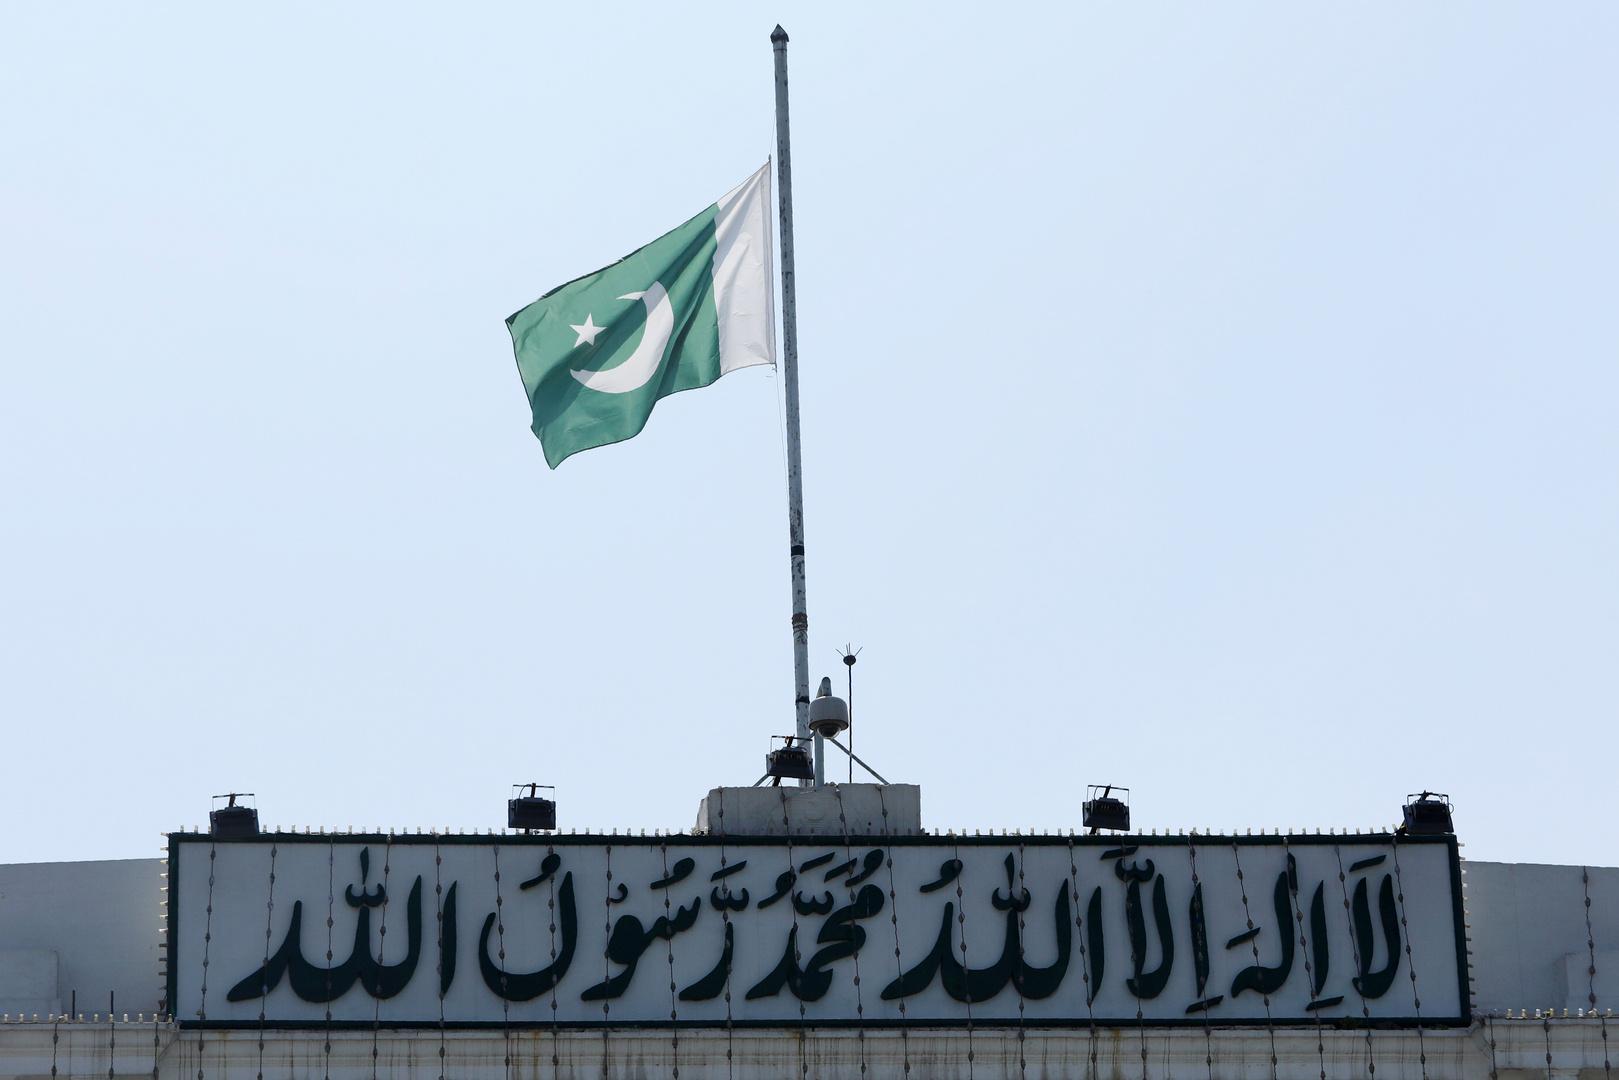 باكستان تطالب العالم بالتدخل لحماية الفلسطينيين ووقف الجرائم الإسرائيلية في غزة